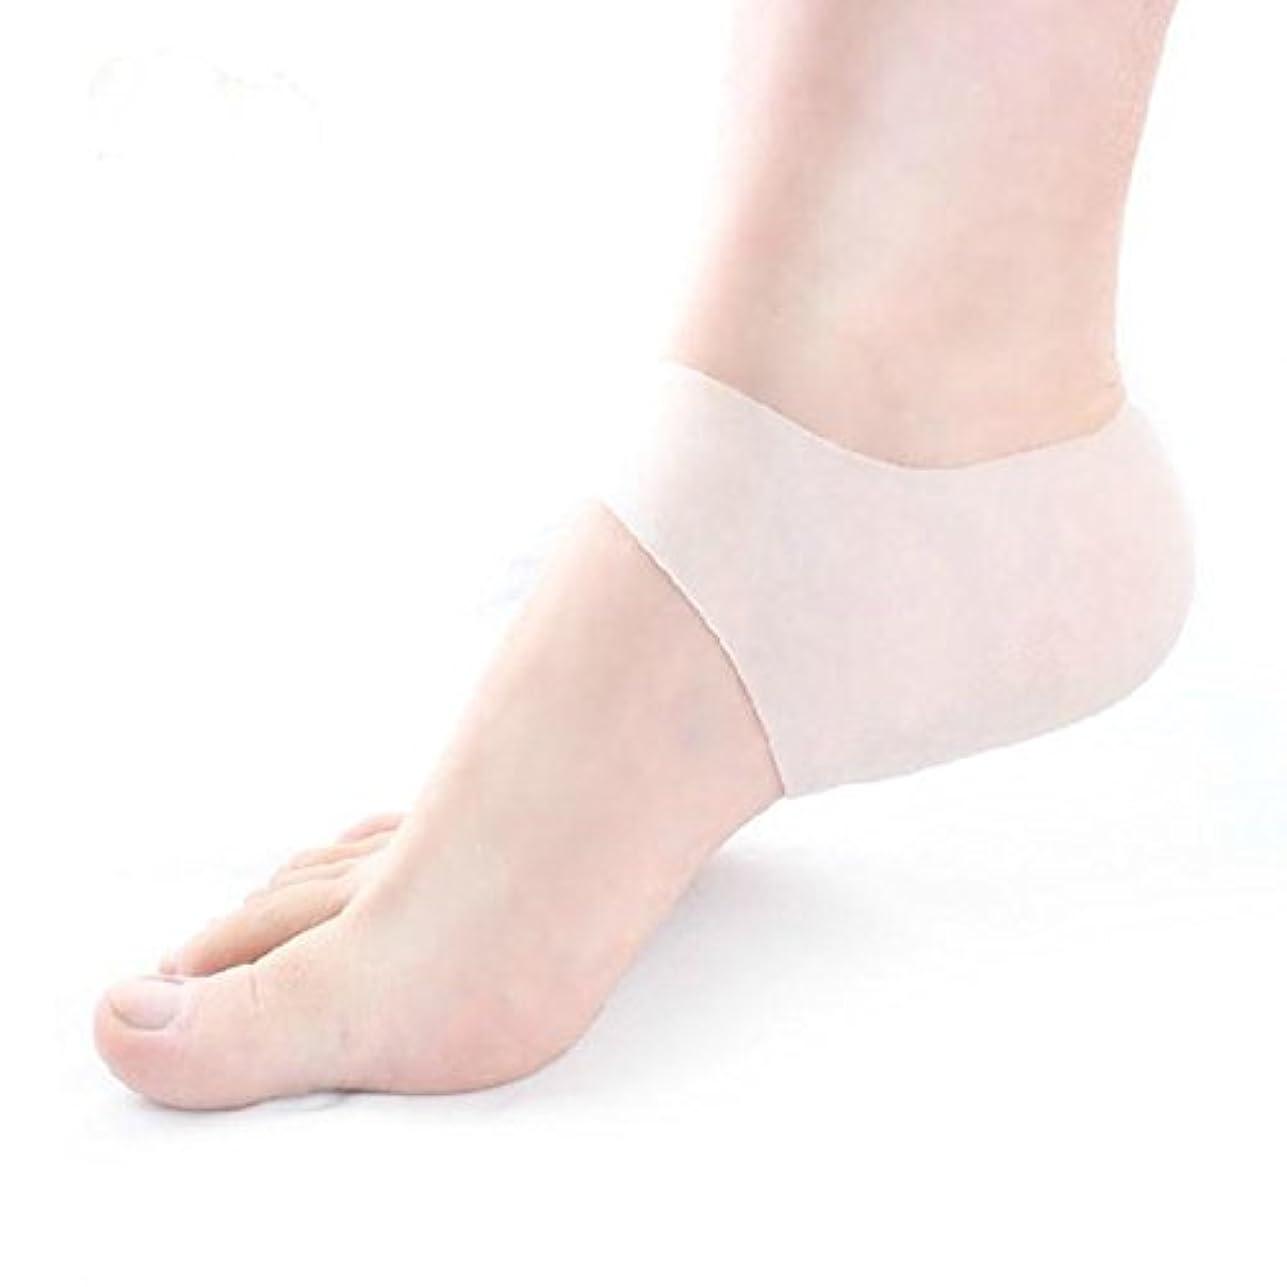 透けるピッチスコットランド人ACHICOO 保護クッション 皮膚 軟化 グレード シリコーンゲルヒールの袖 足根筋膜炎 痛み緩和 1つペア White